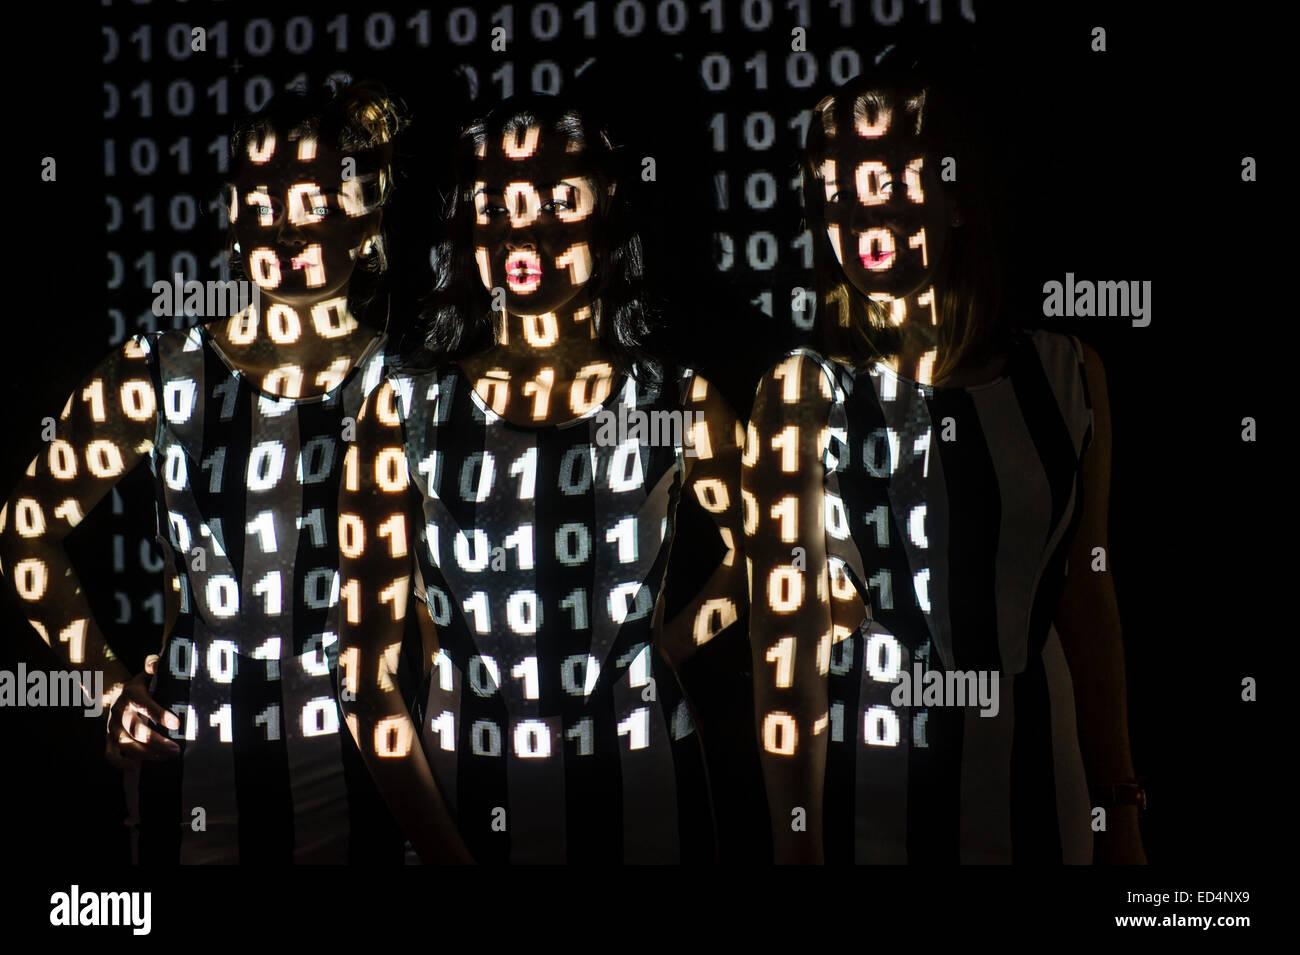 Digitale Kunst: Konzeptbild für Cyber-Terrorismus oder Cyber-Kriminalität Cyber-Kriminalität - eine Stockbild